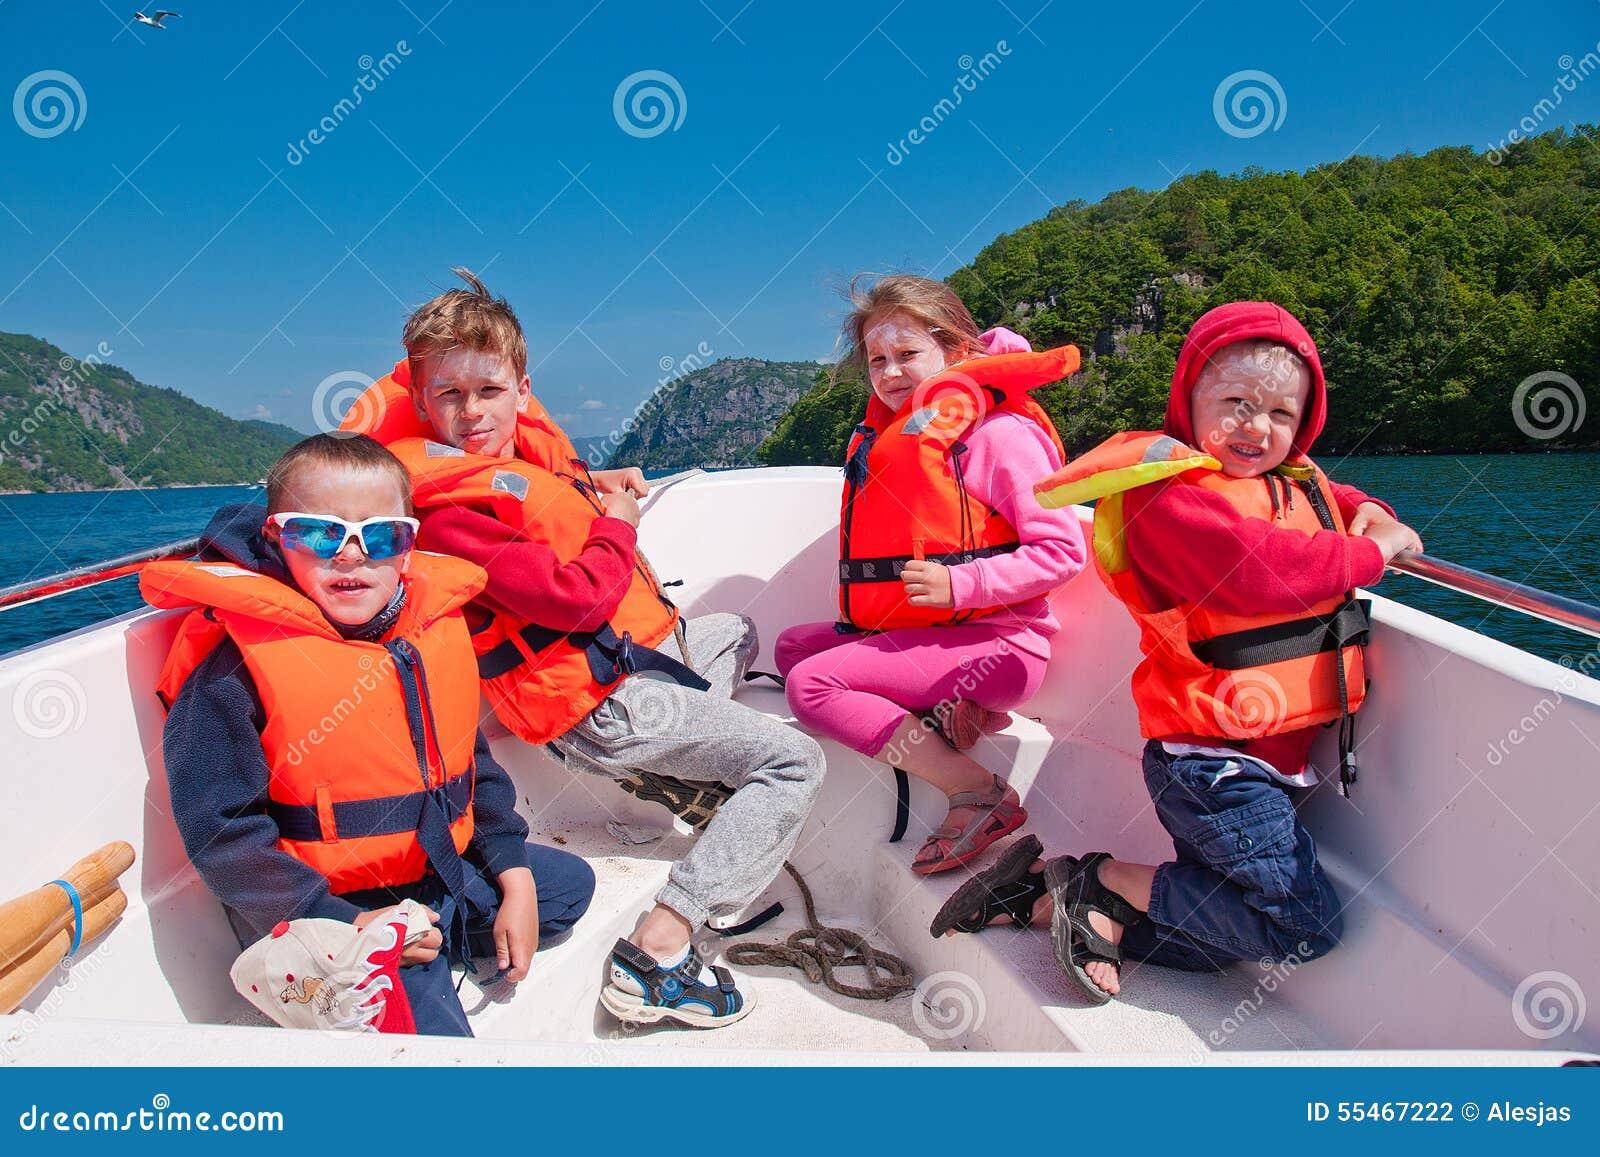 Crianças Nos Colete Salva vidas Em Um Barco Foto de Stock Imagem  #C23D09 1300 957